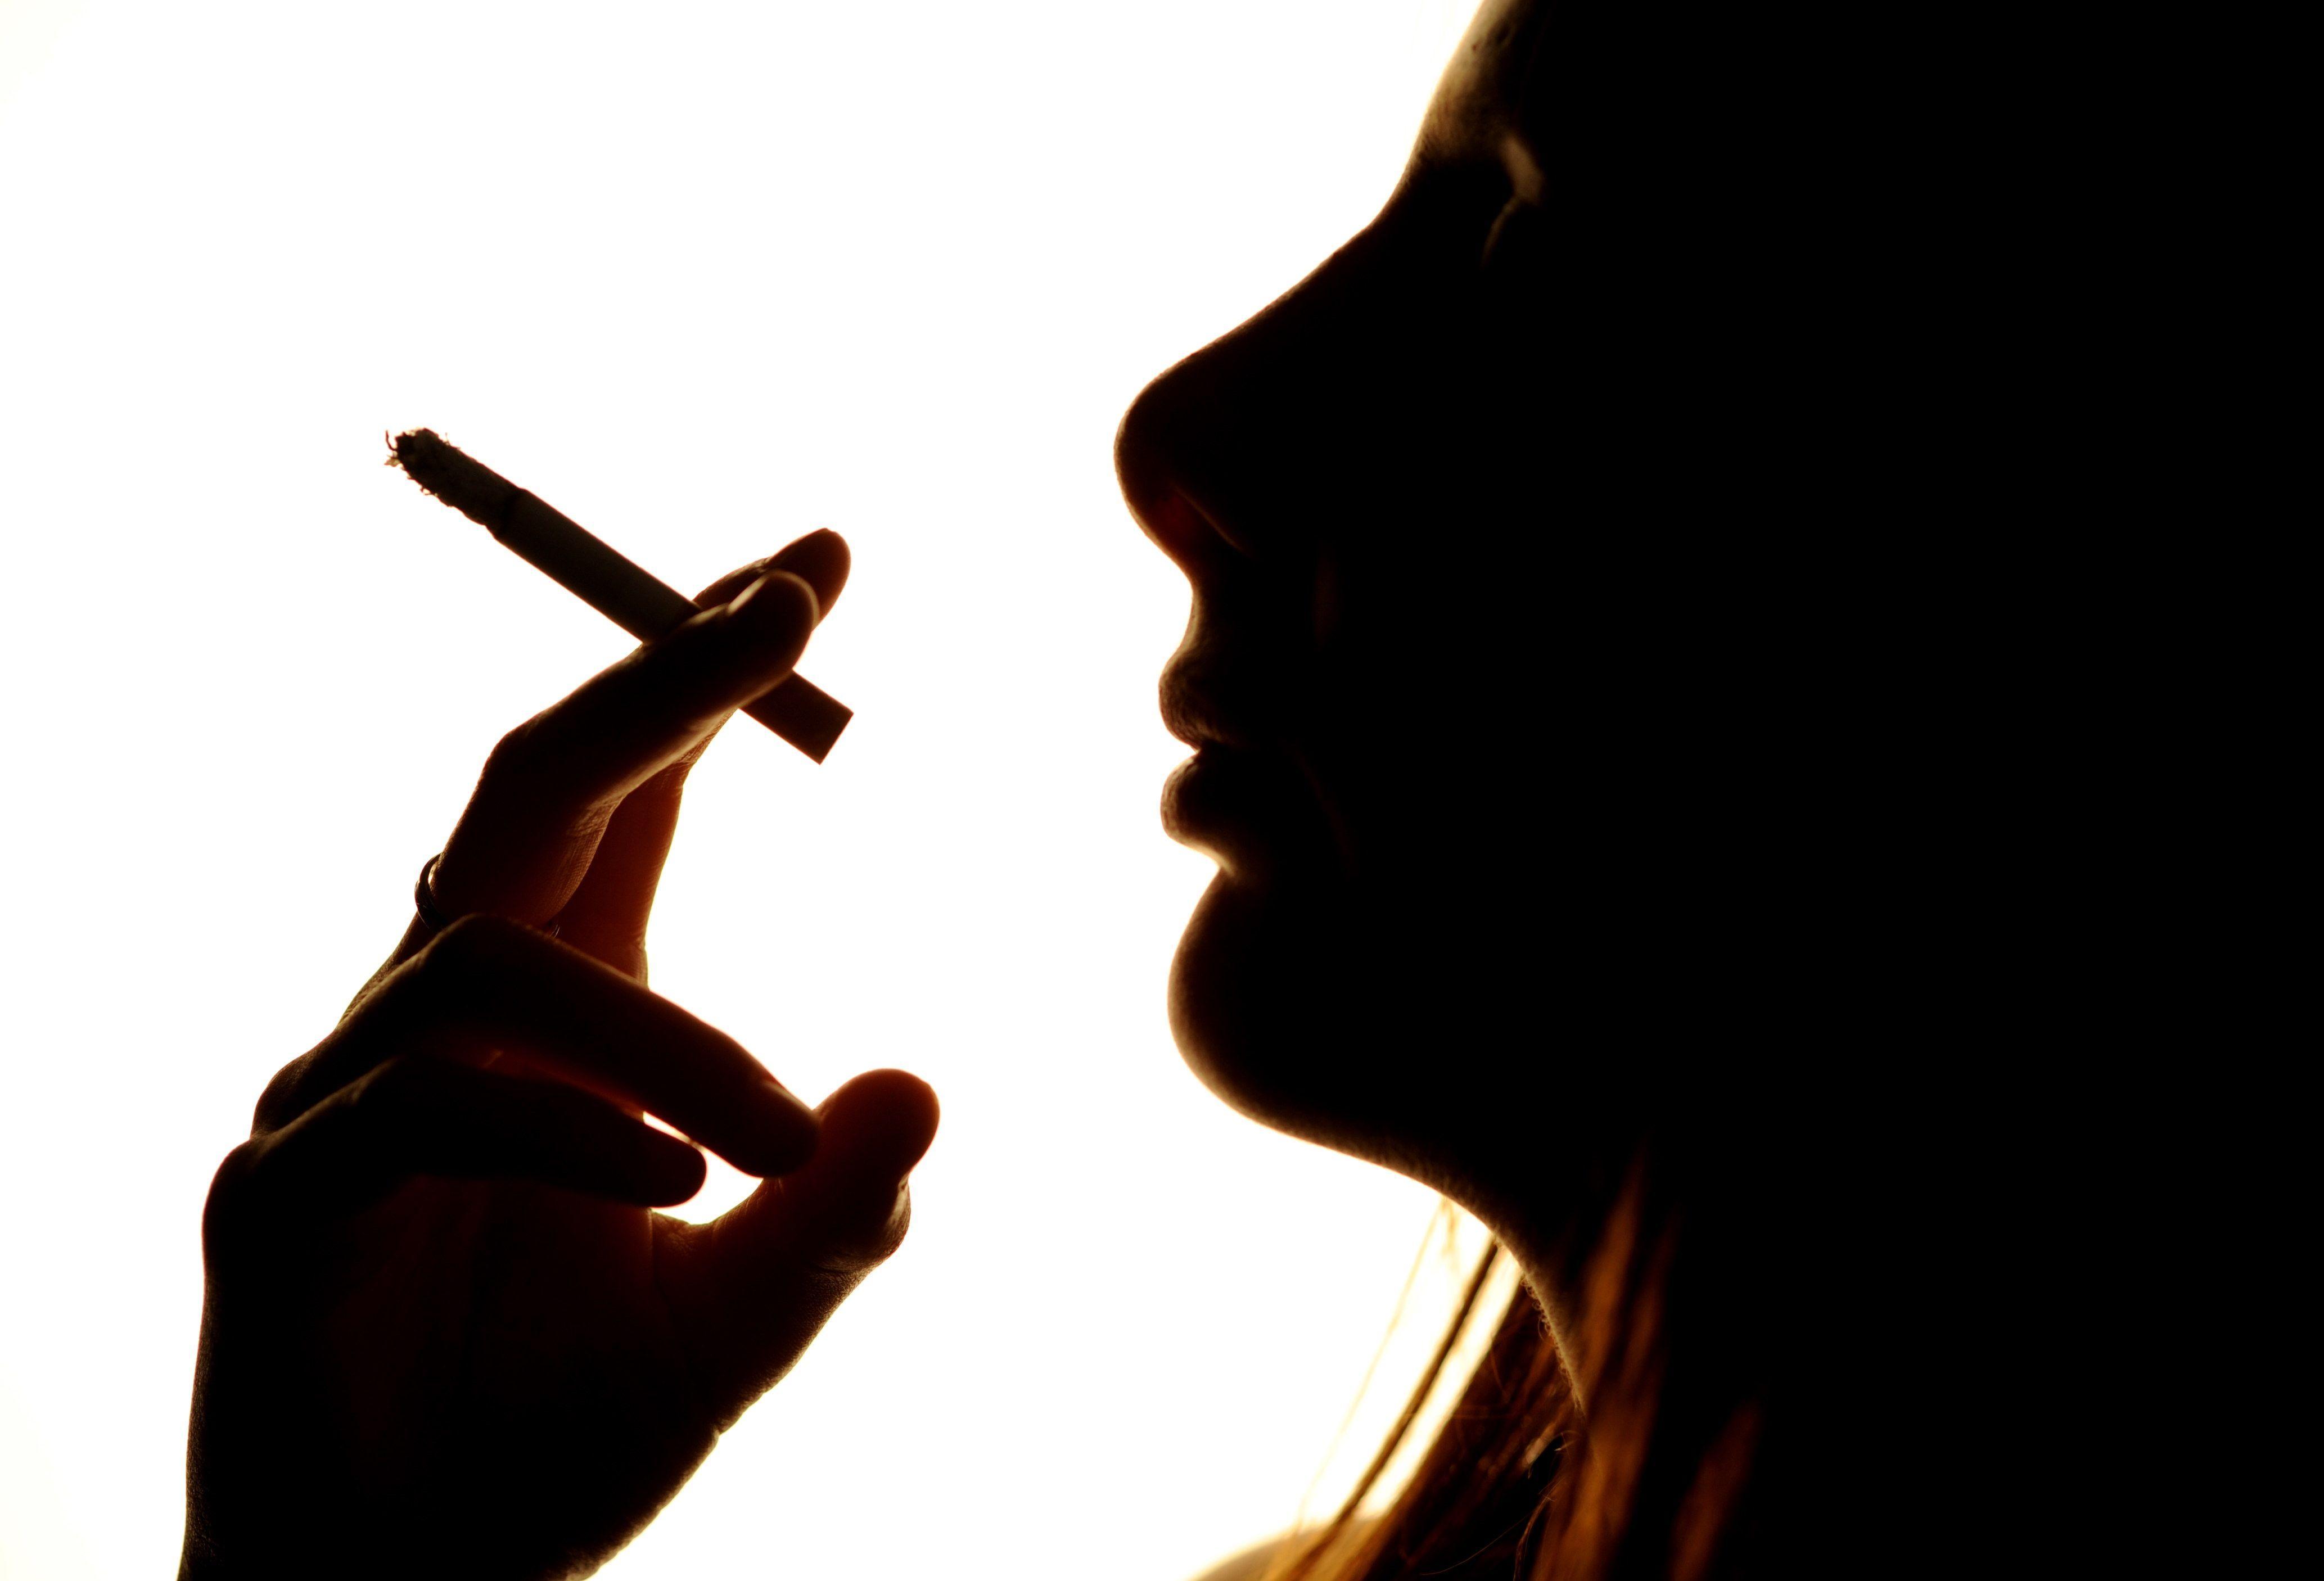 Ha smesso di fumare e cè un desiderio di fumare